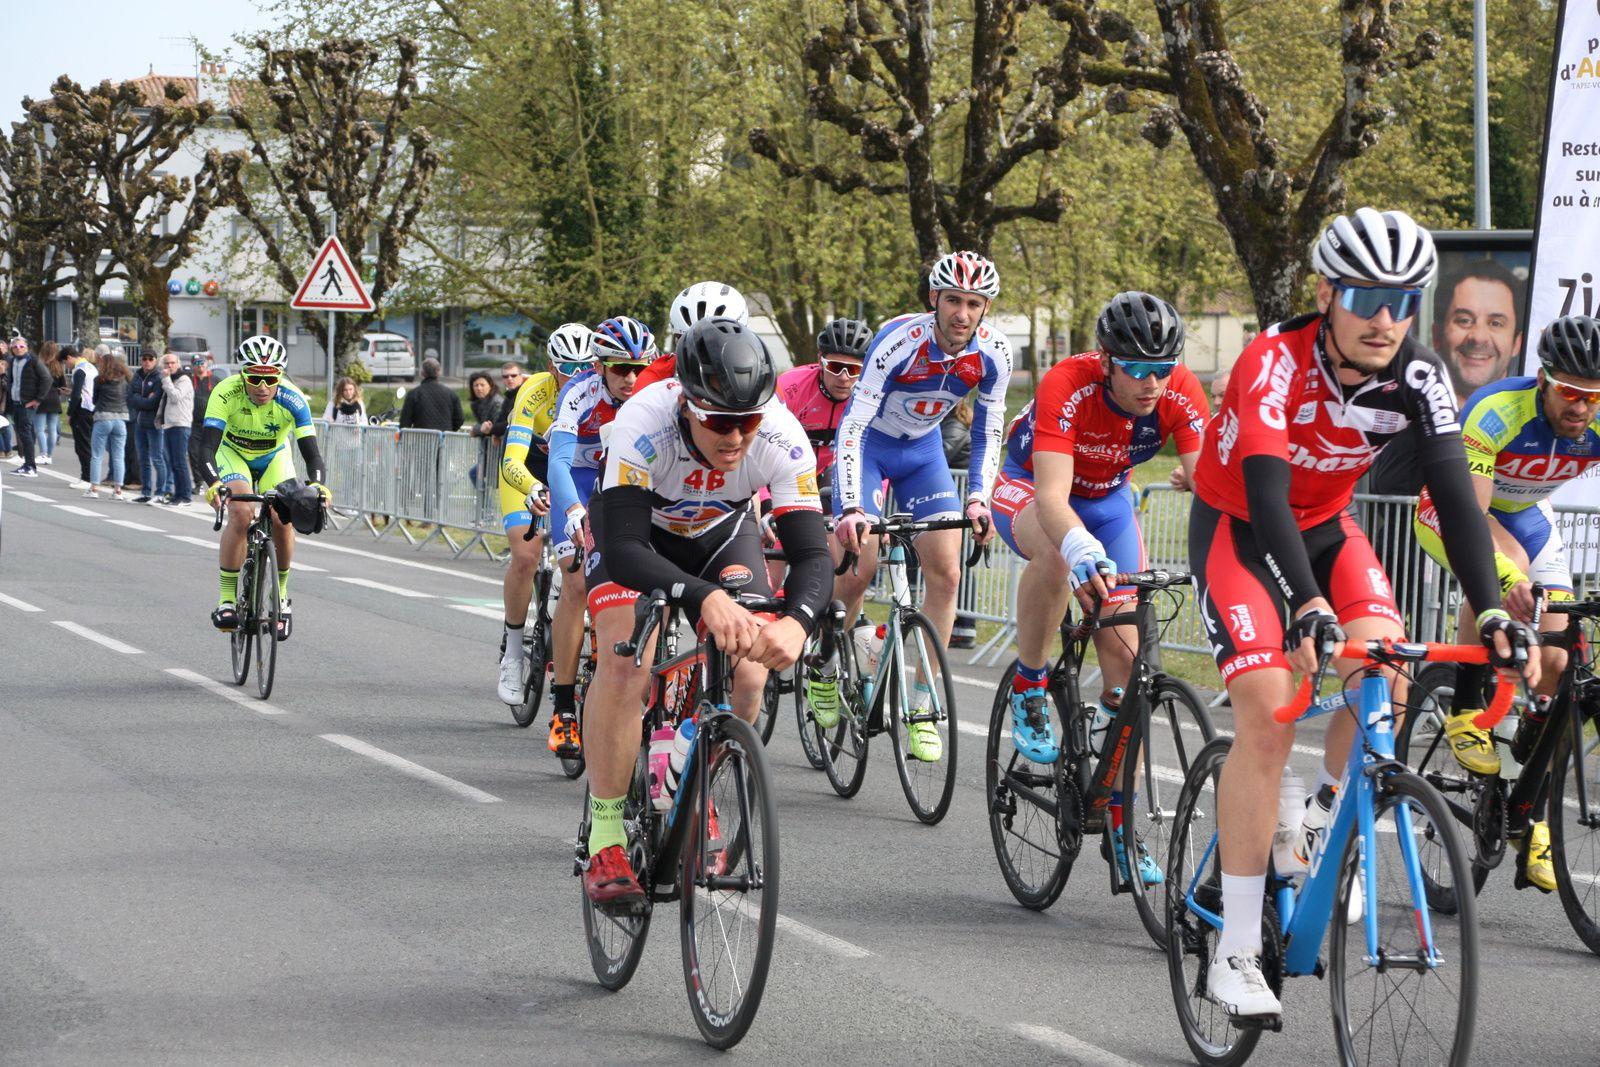 2e  passage  Arnaud  CHAUMET  et  Florian  LATOUR  emménent  le  groupe  de  tête